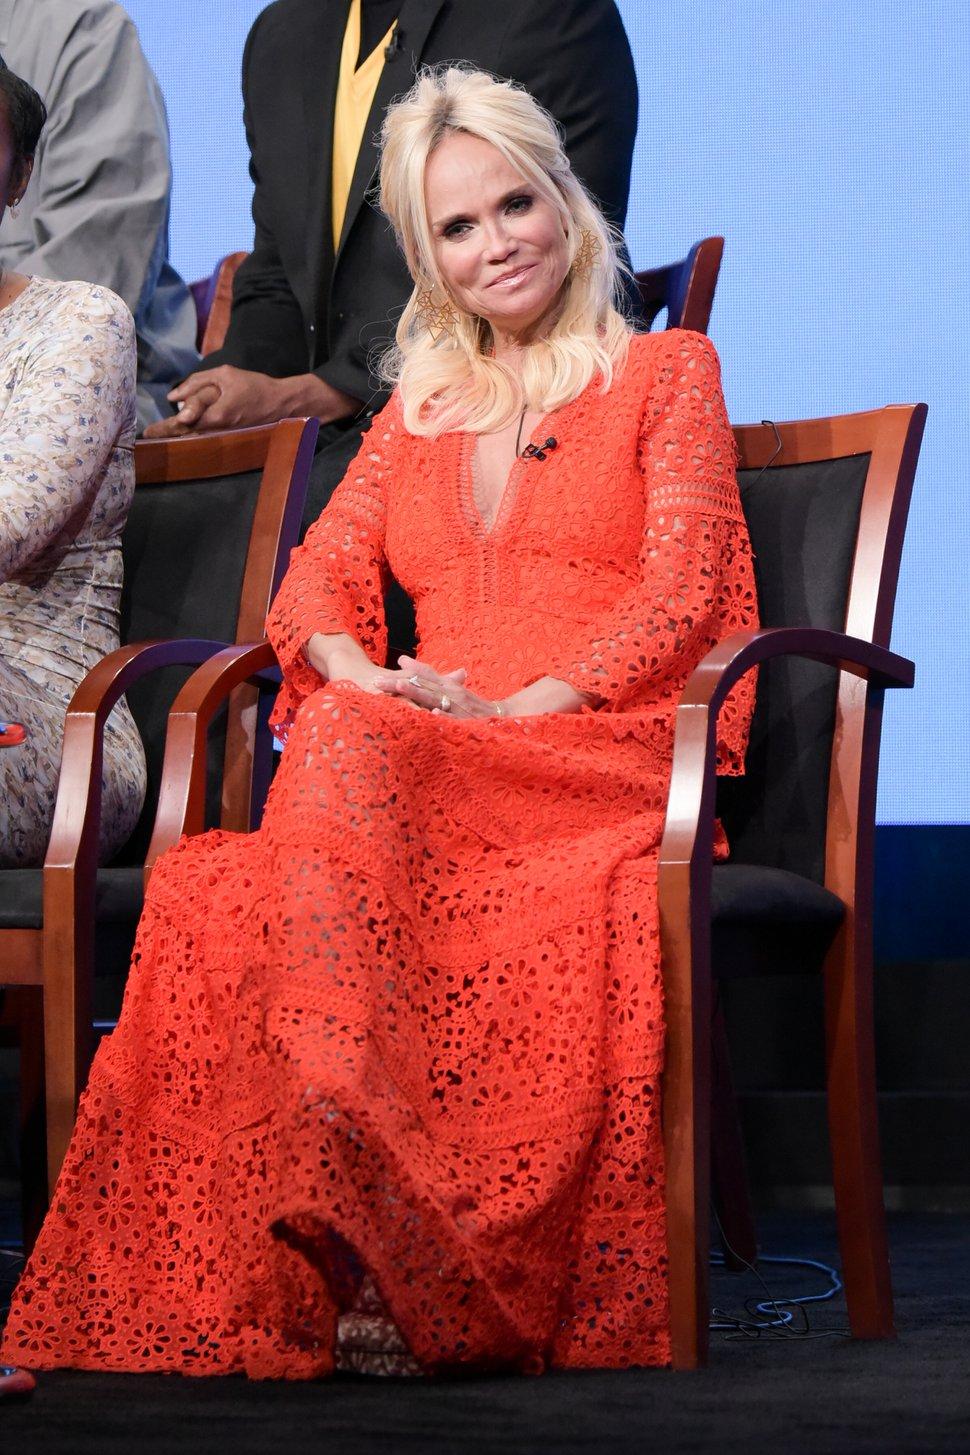 Kristin Chenoweth participates in the